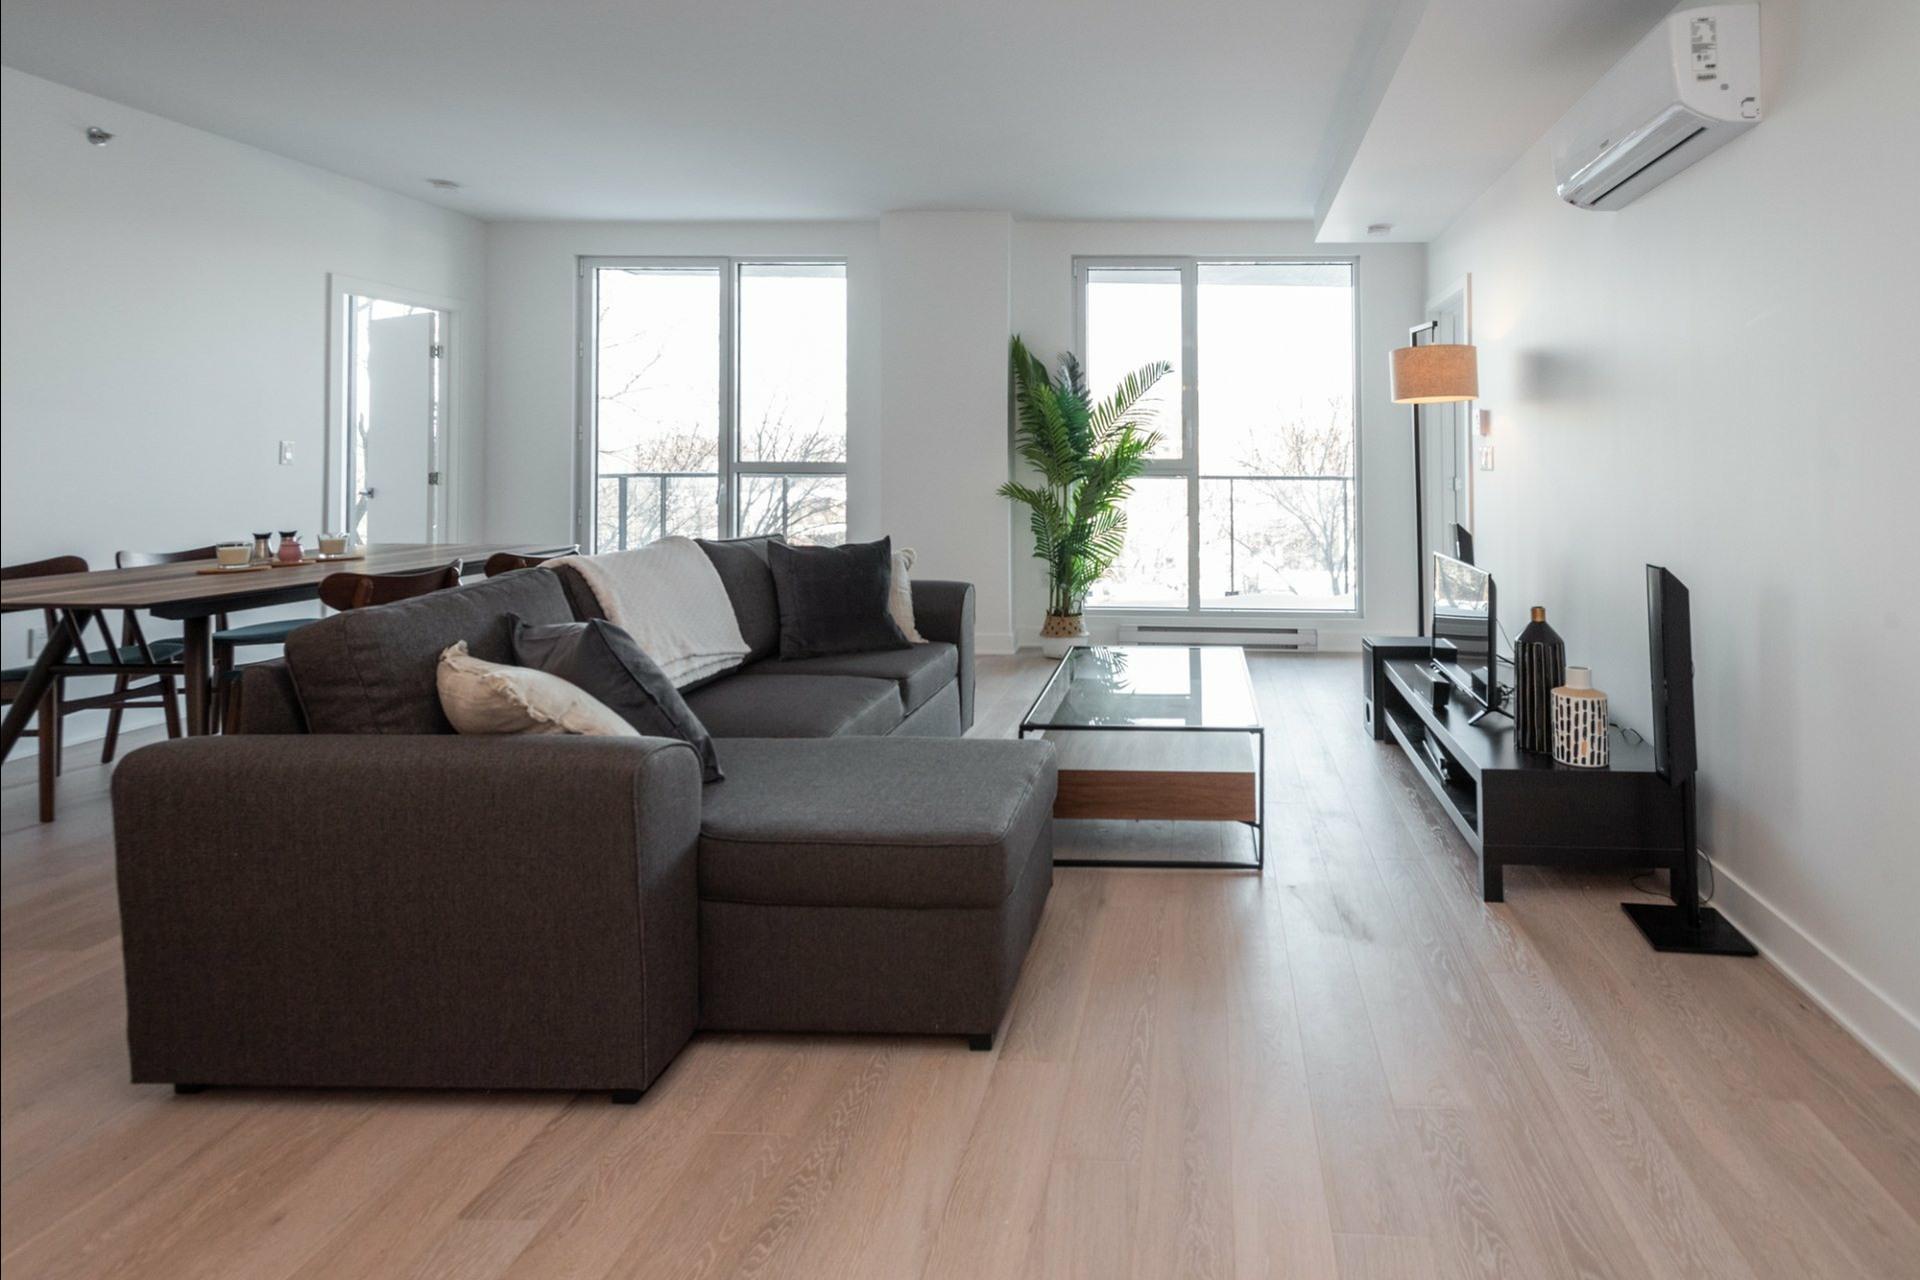 image 2 - Appartement À louer Côte-des-Neiges/Notre-Dame-de-Grâce Montréal  - 5 pièces